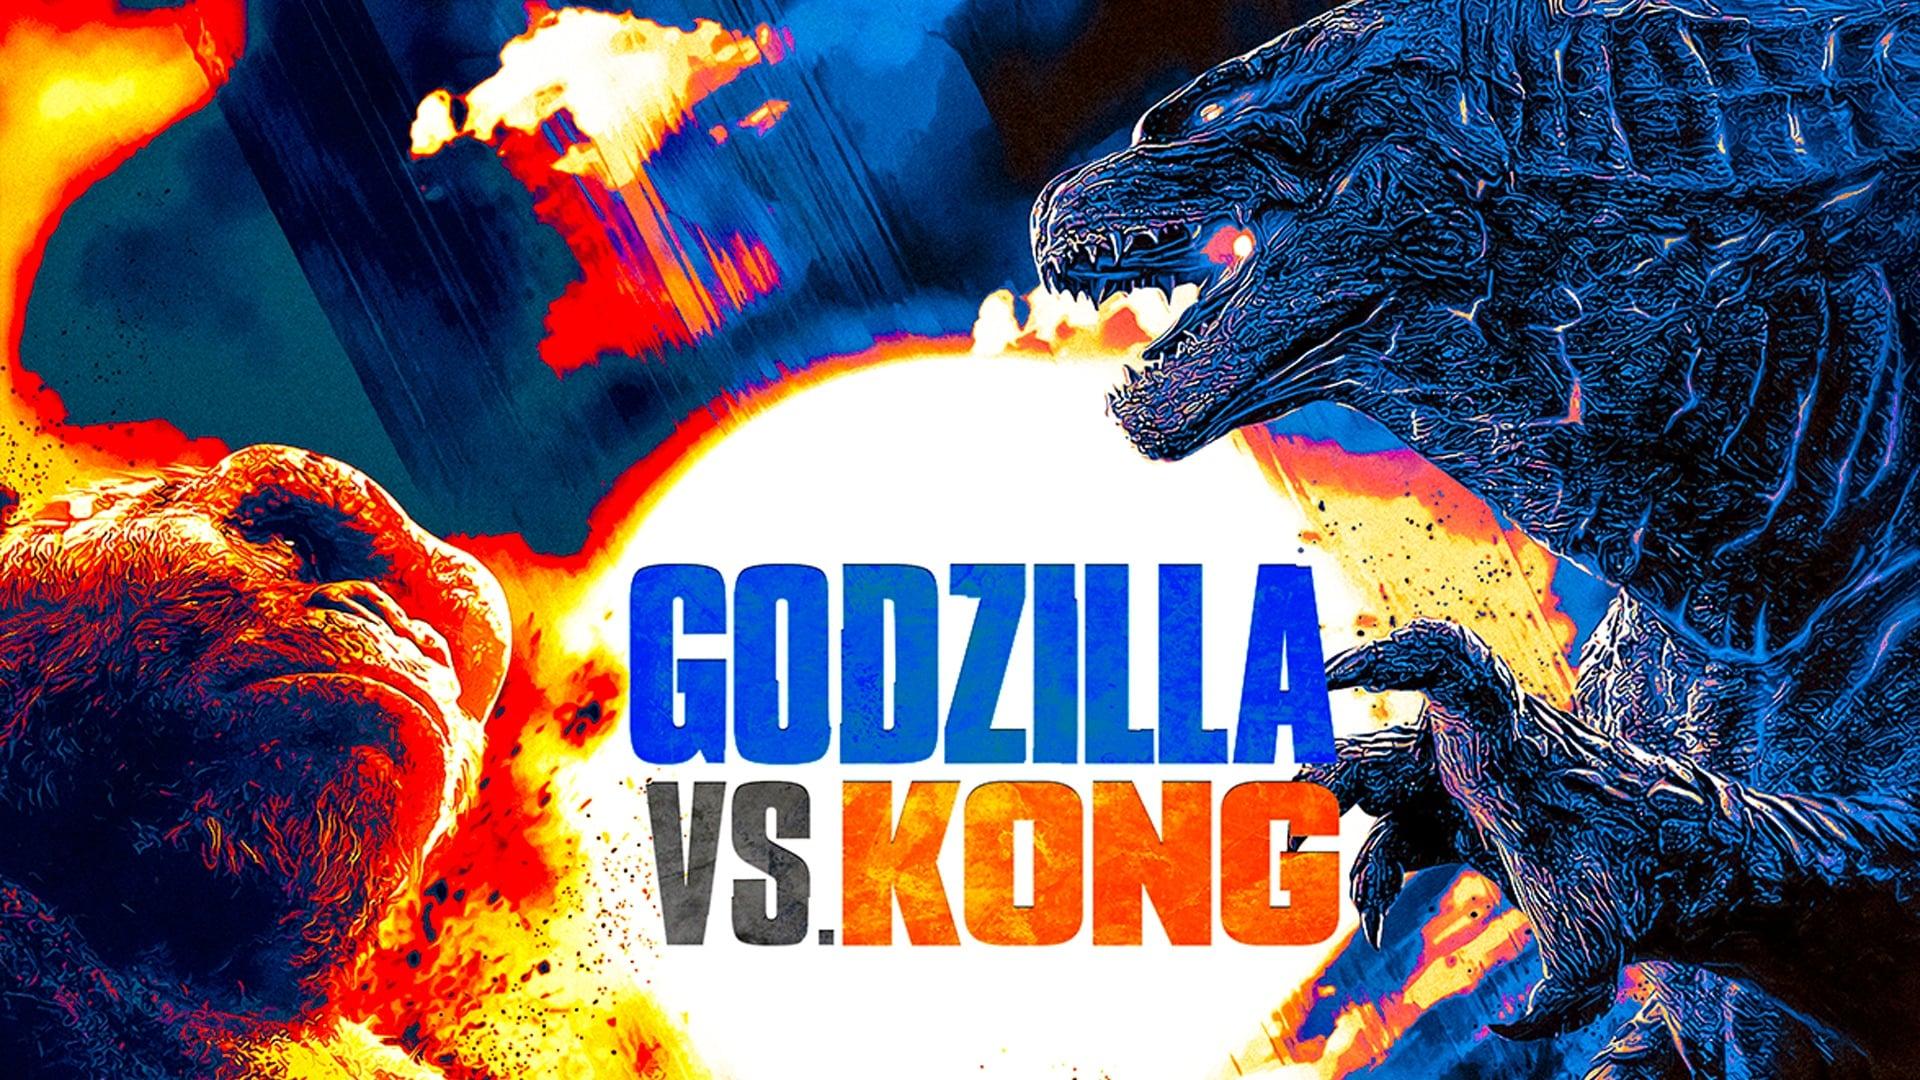 Godzilla vs. Kong hudobný skladateľ